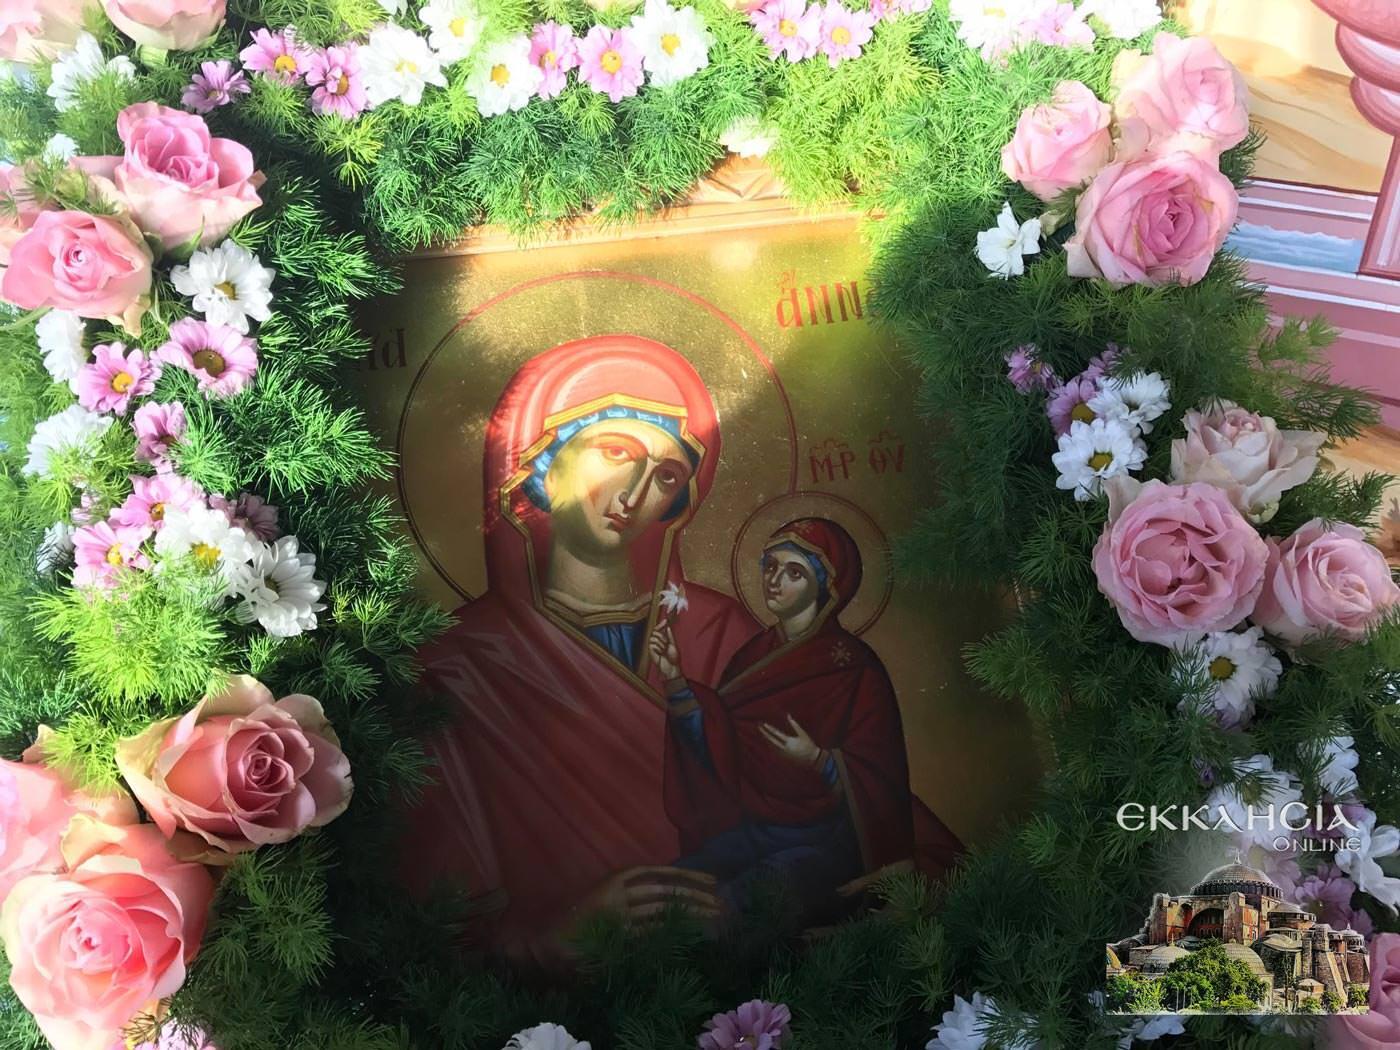 Αγία Ειρήνη Κηφισιά εικόνα